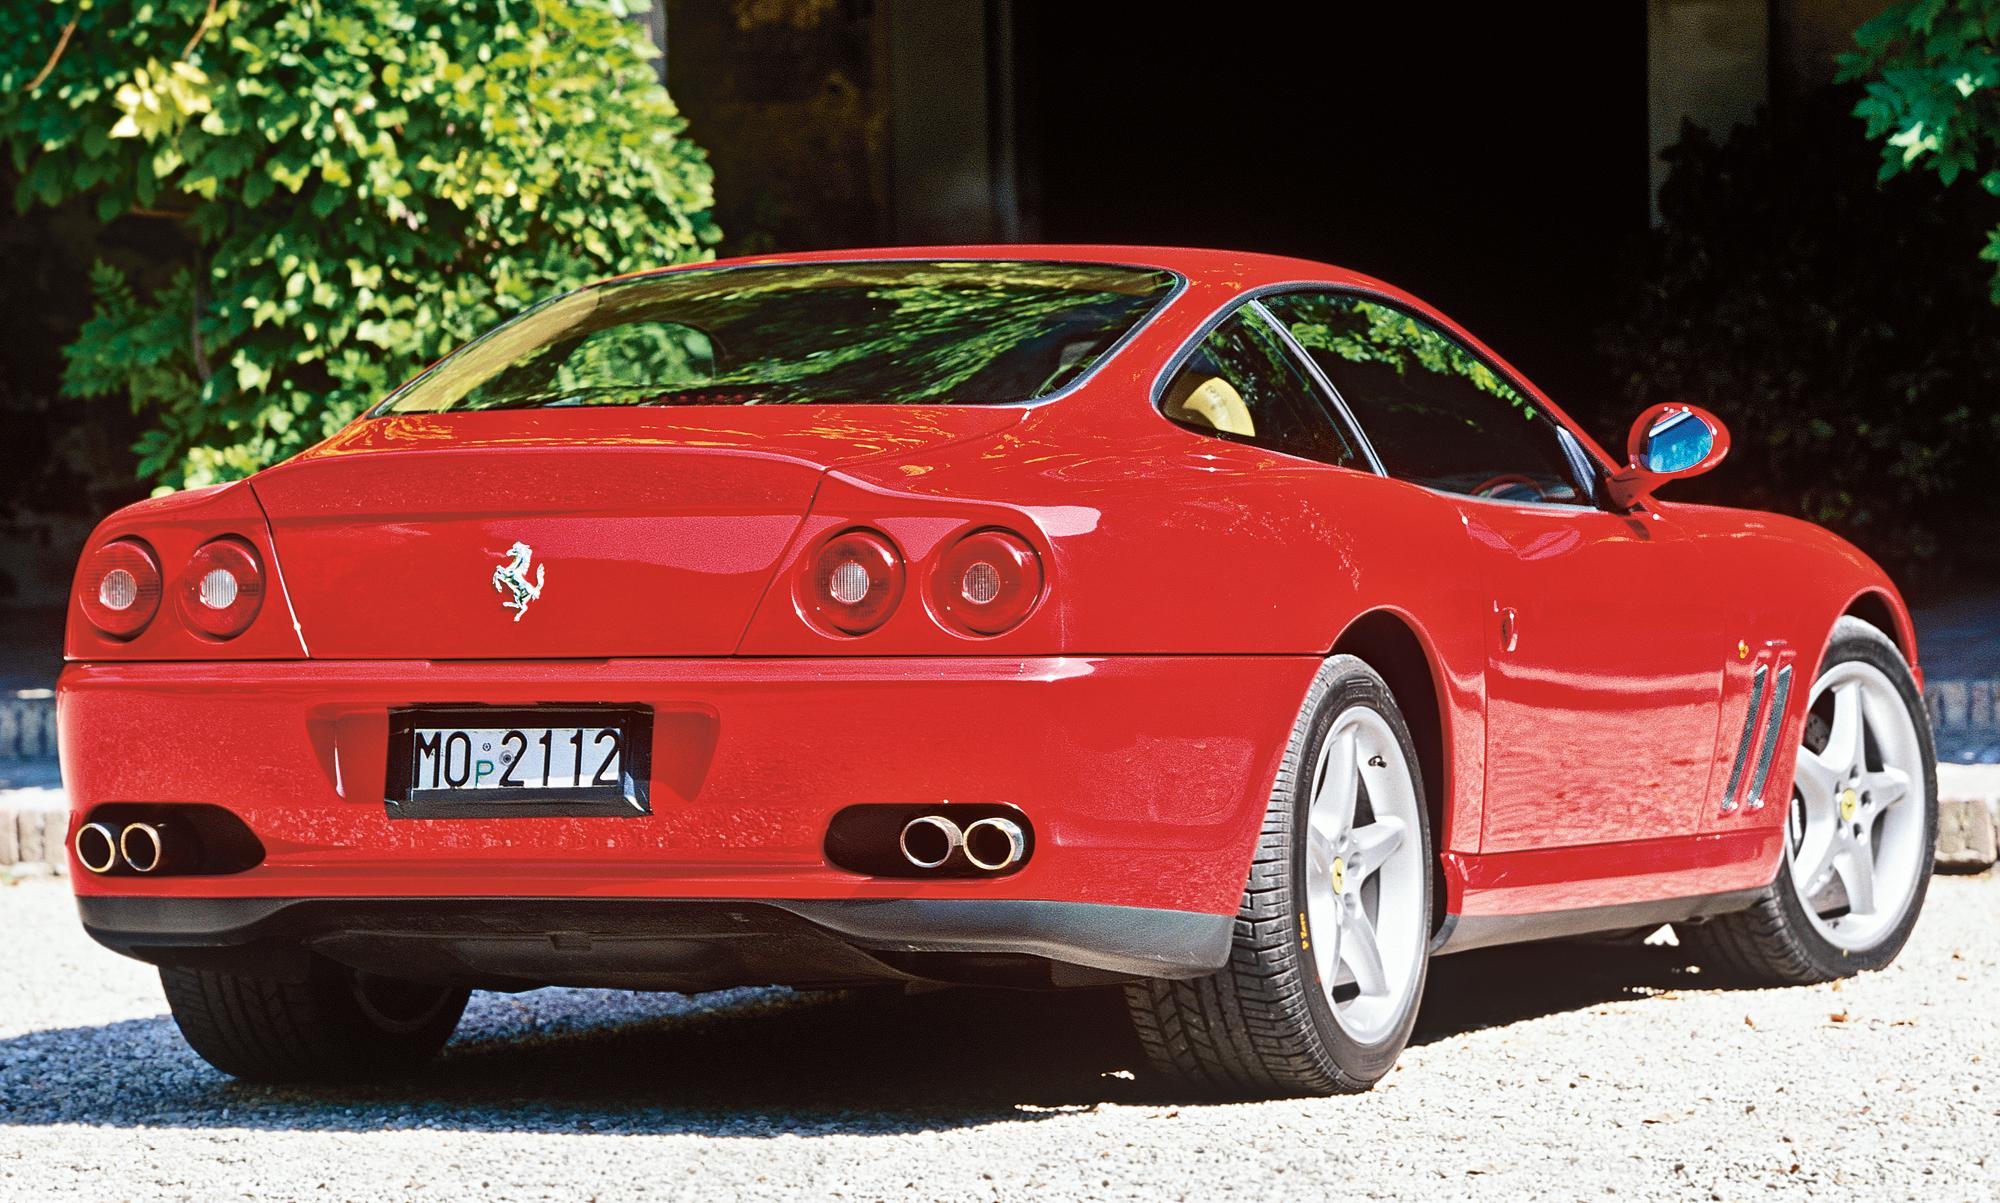 Ferrari 550 Maranello/Lamborghini Diablo SV Classic Cars